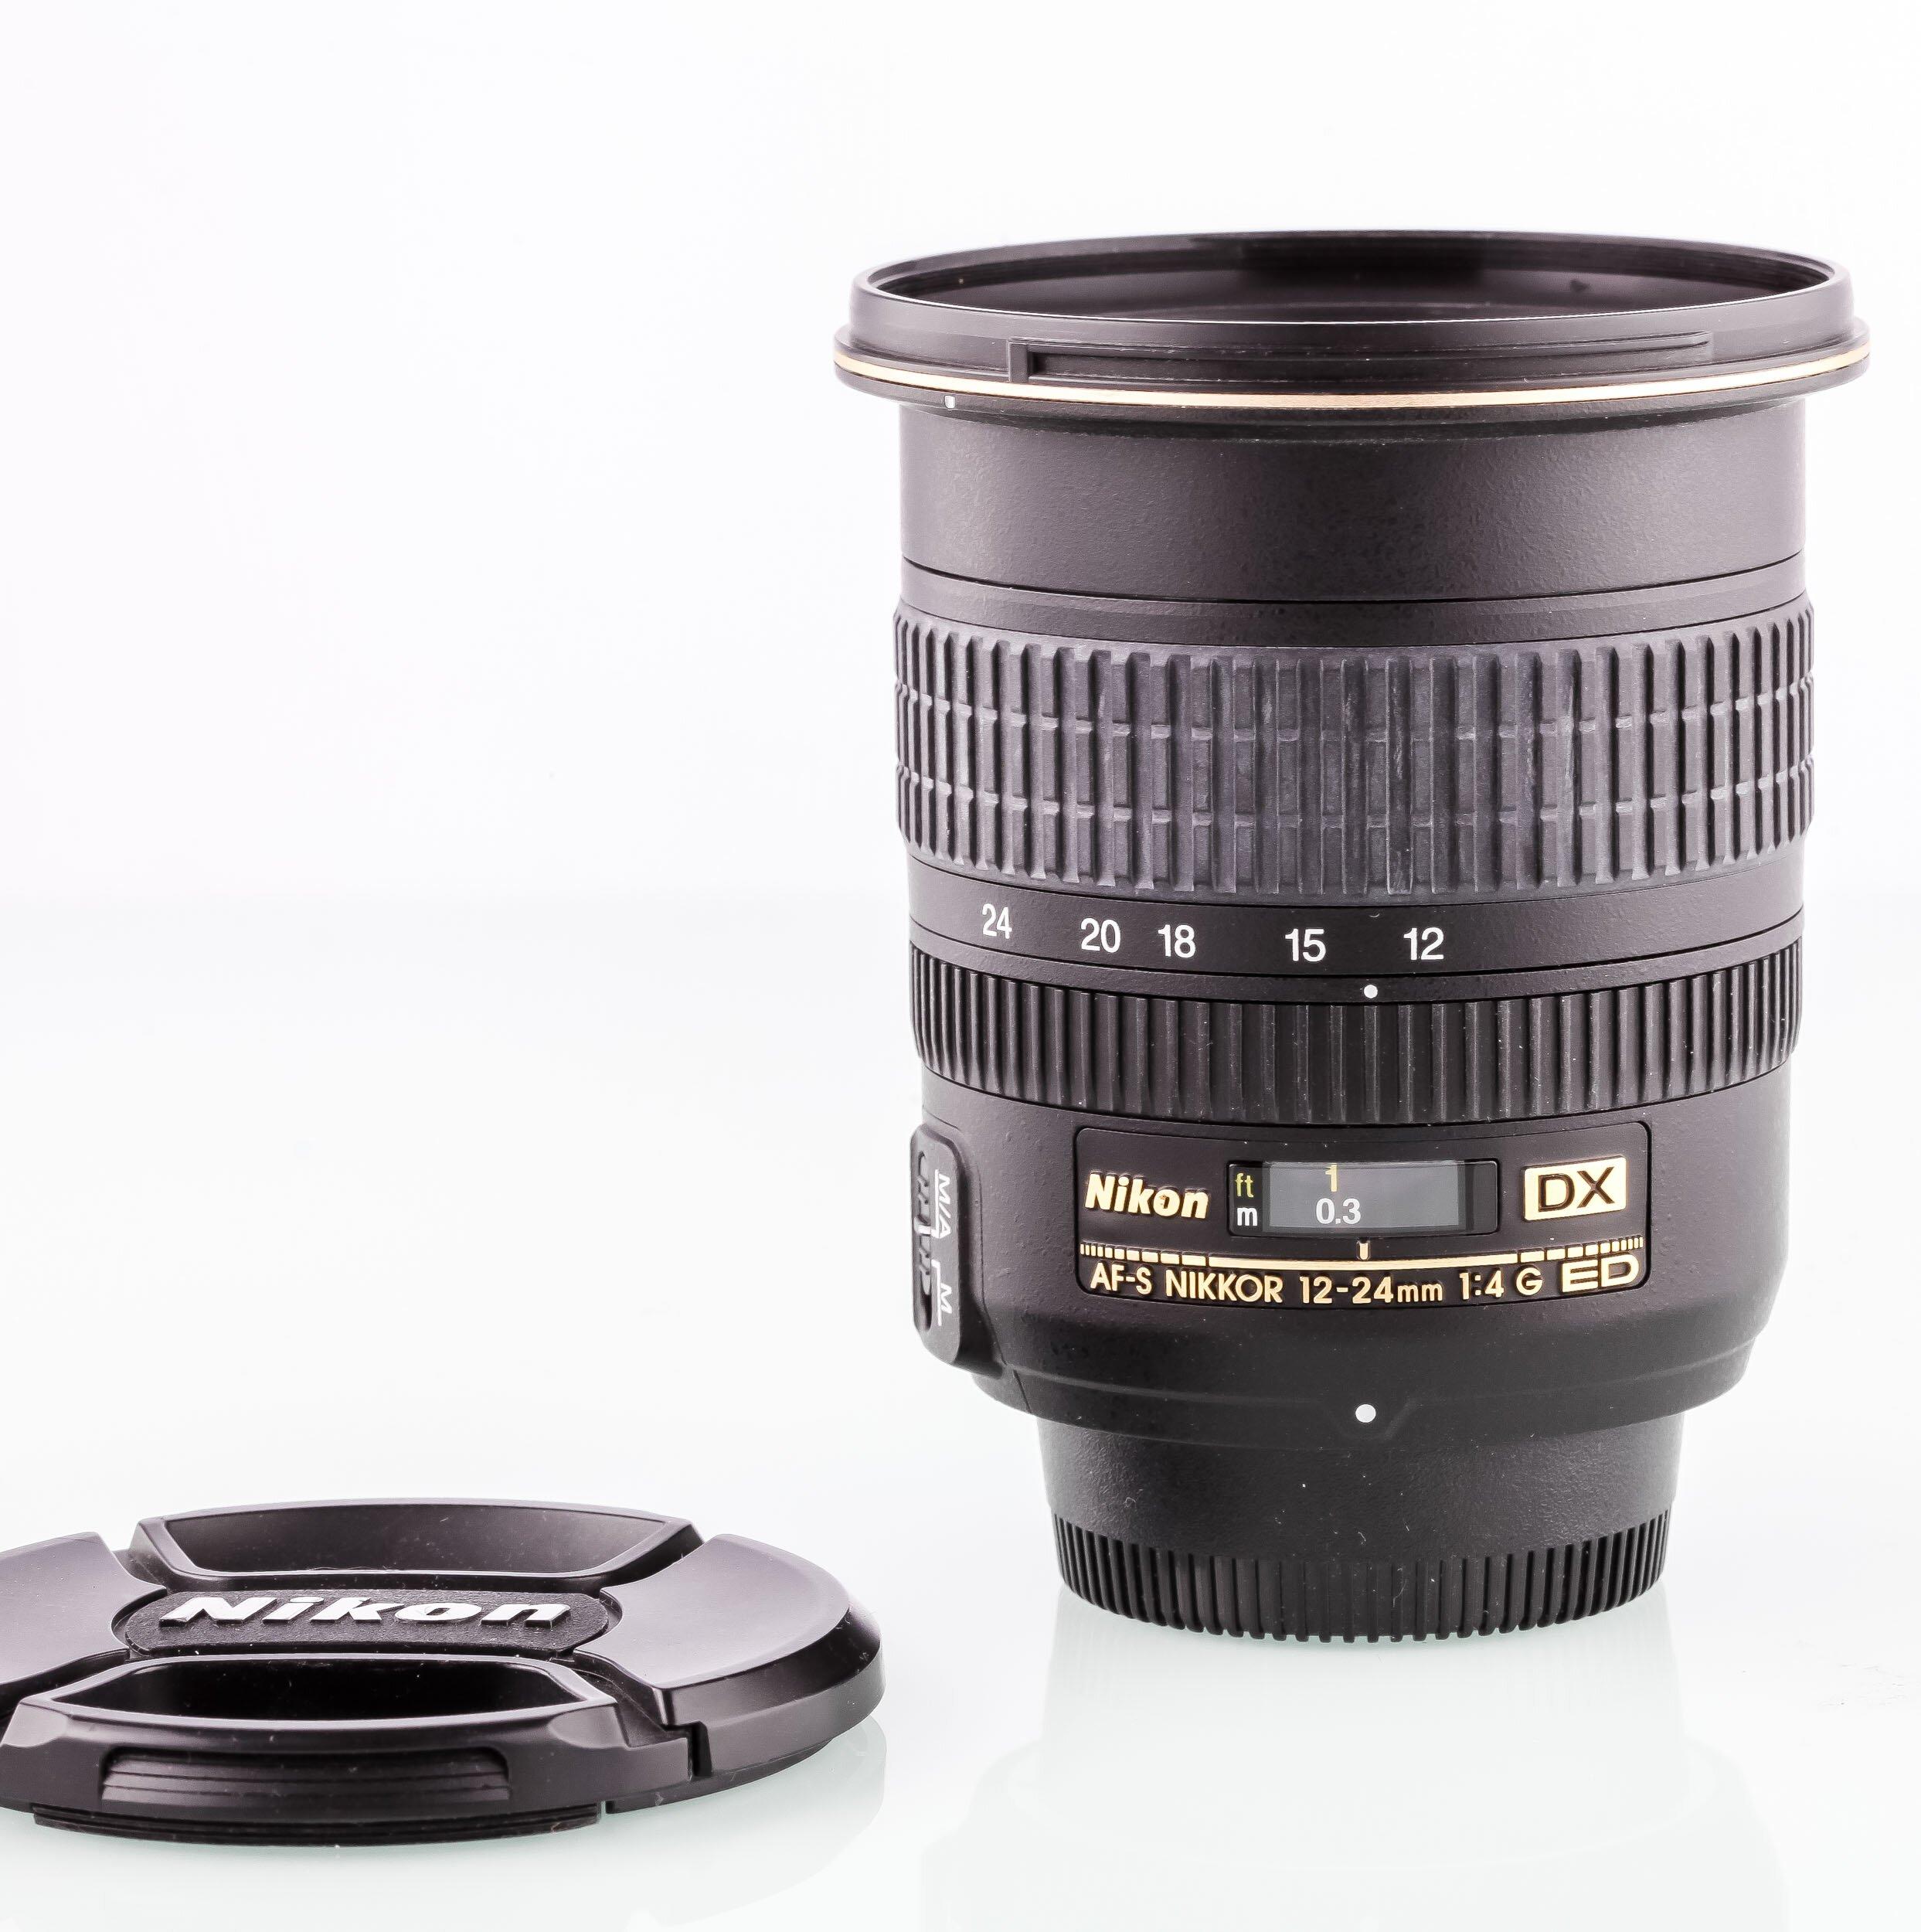 Nikon AF-S Nikkor 12-24mm 4,0 DX ED